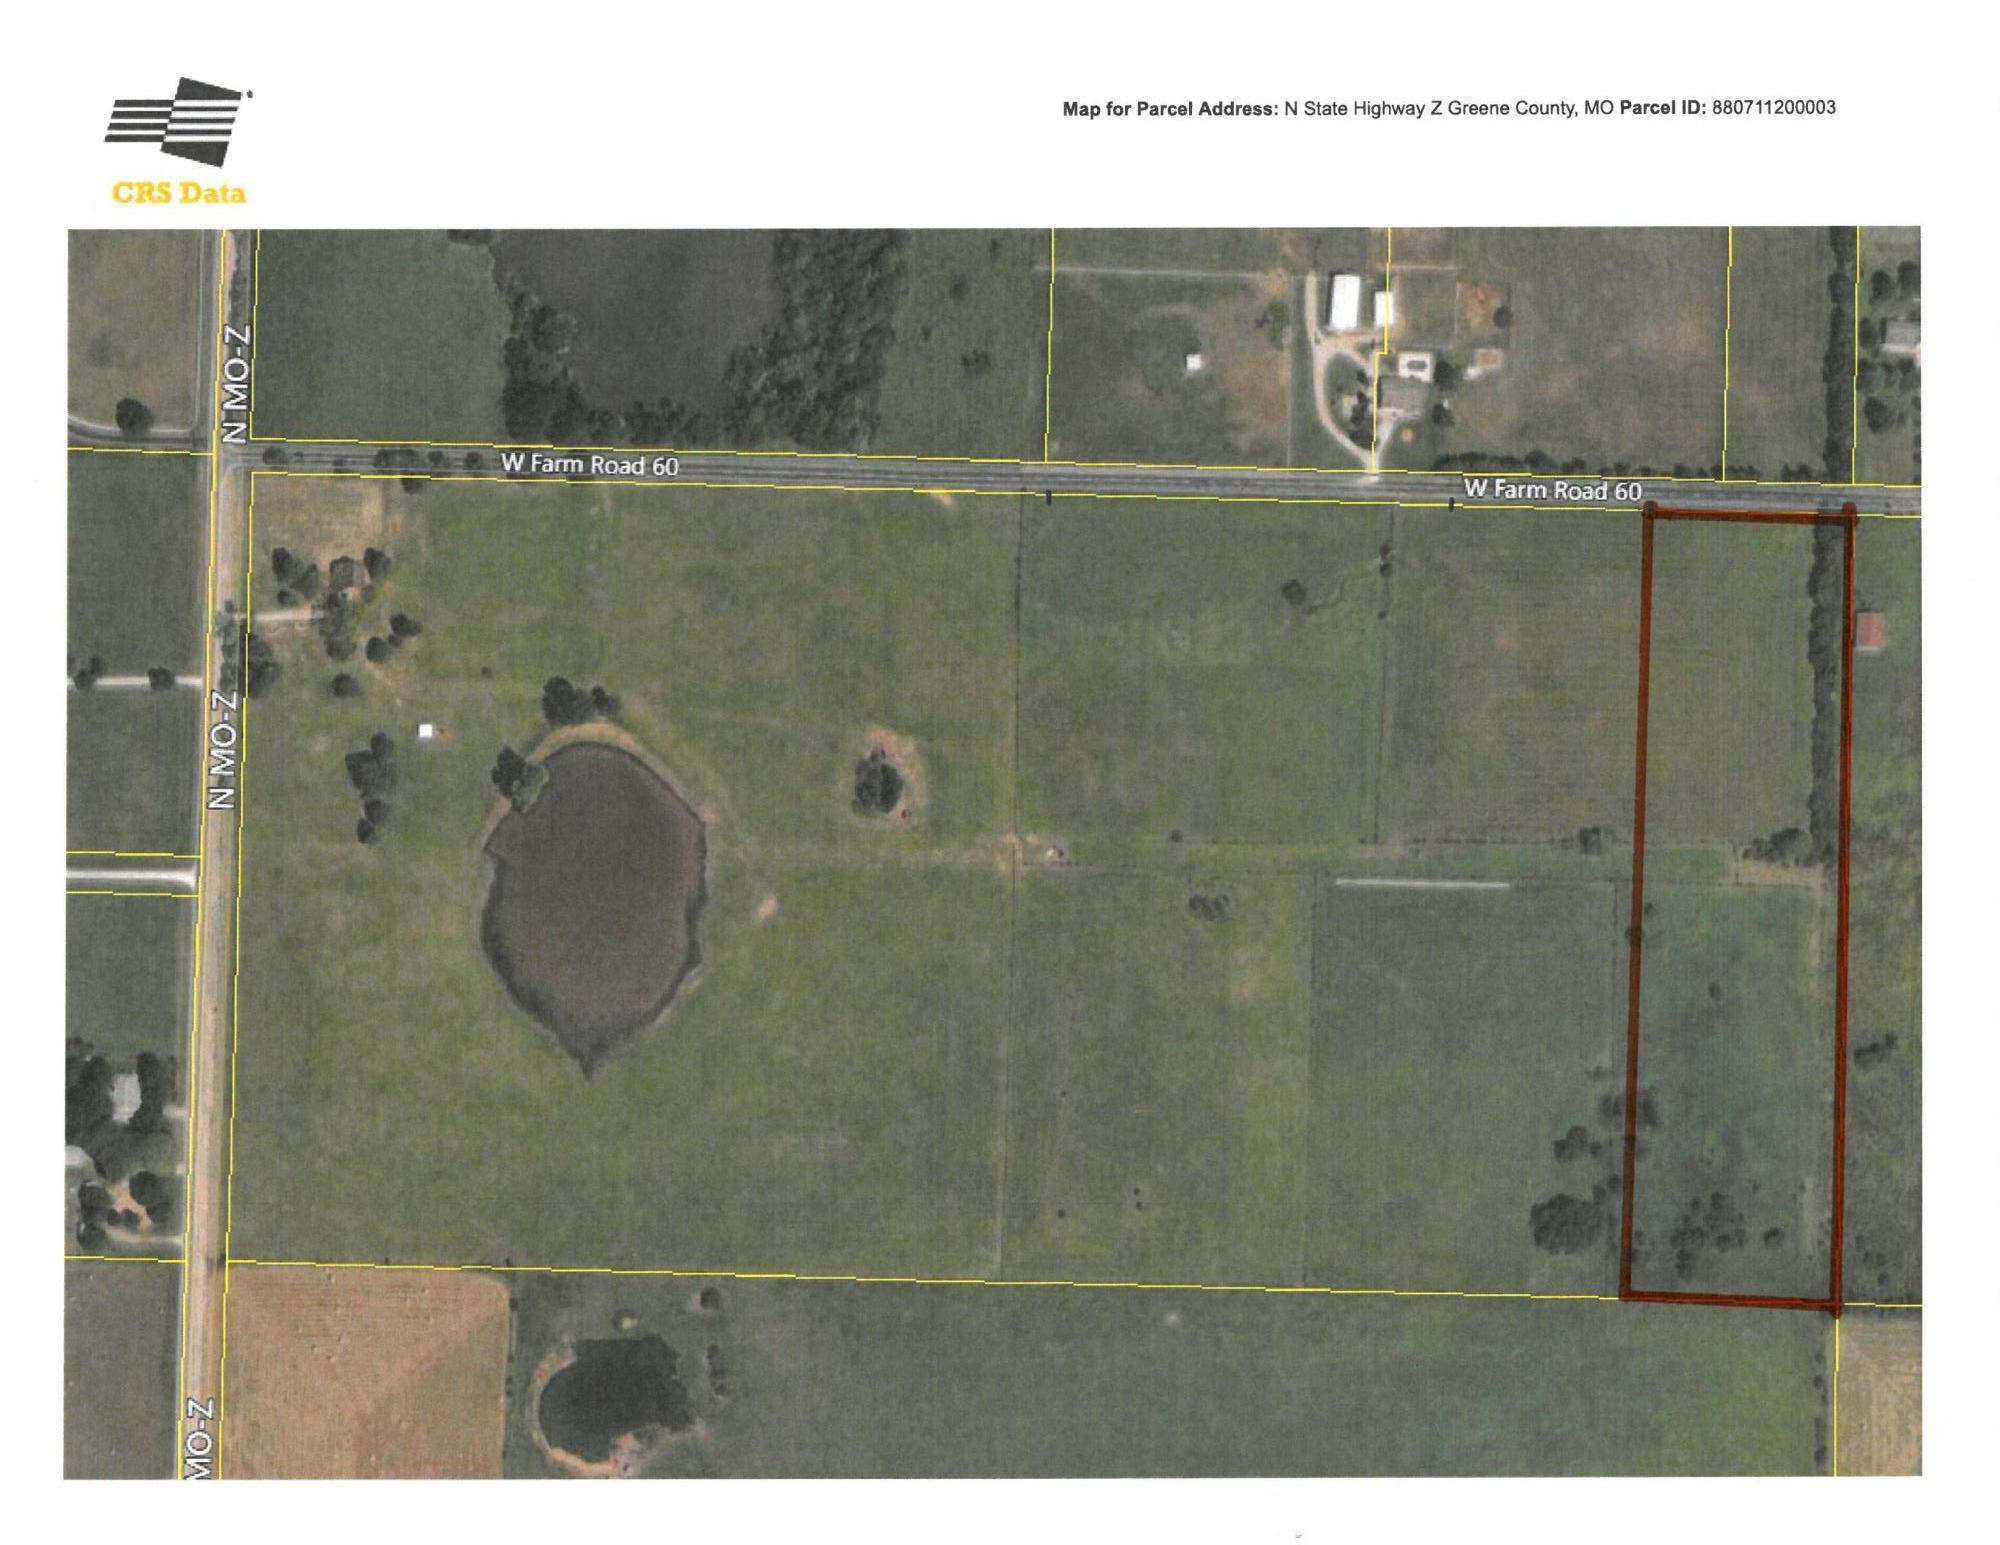 Tbd North Farm Road 60 Willard, MO 65781